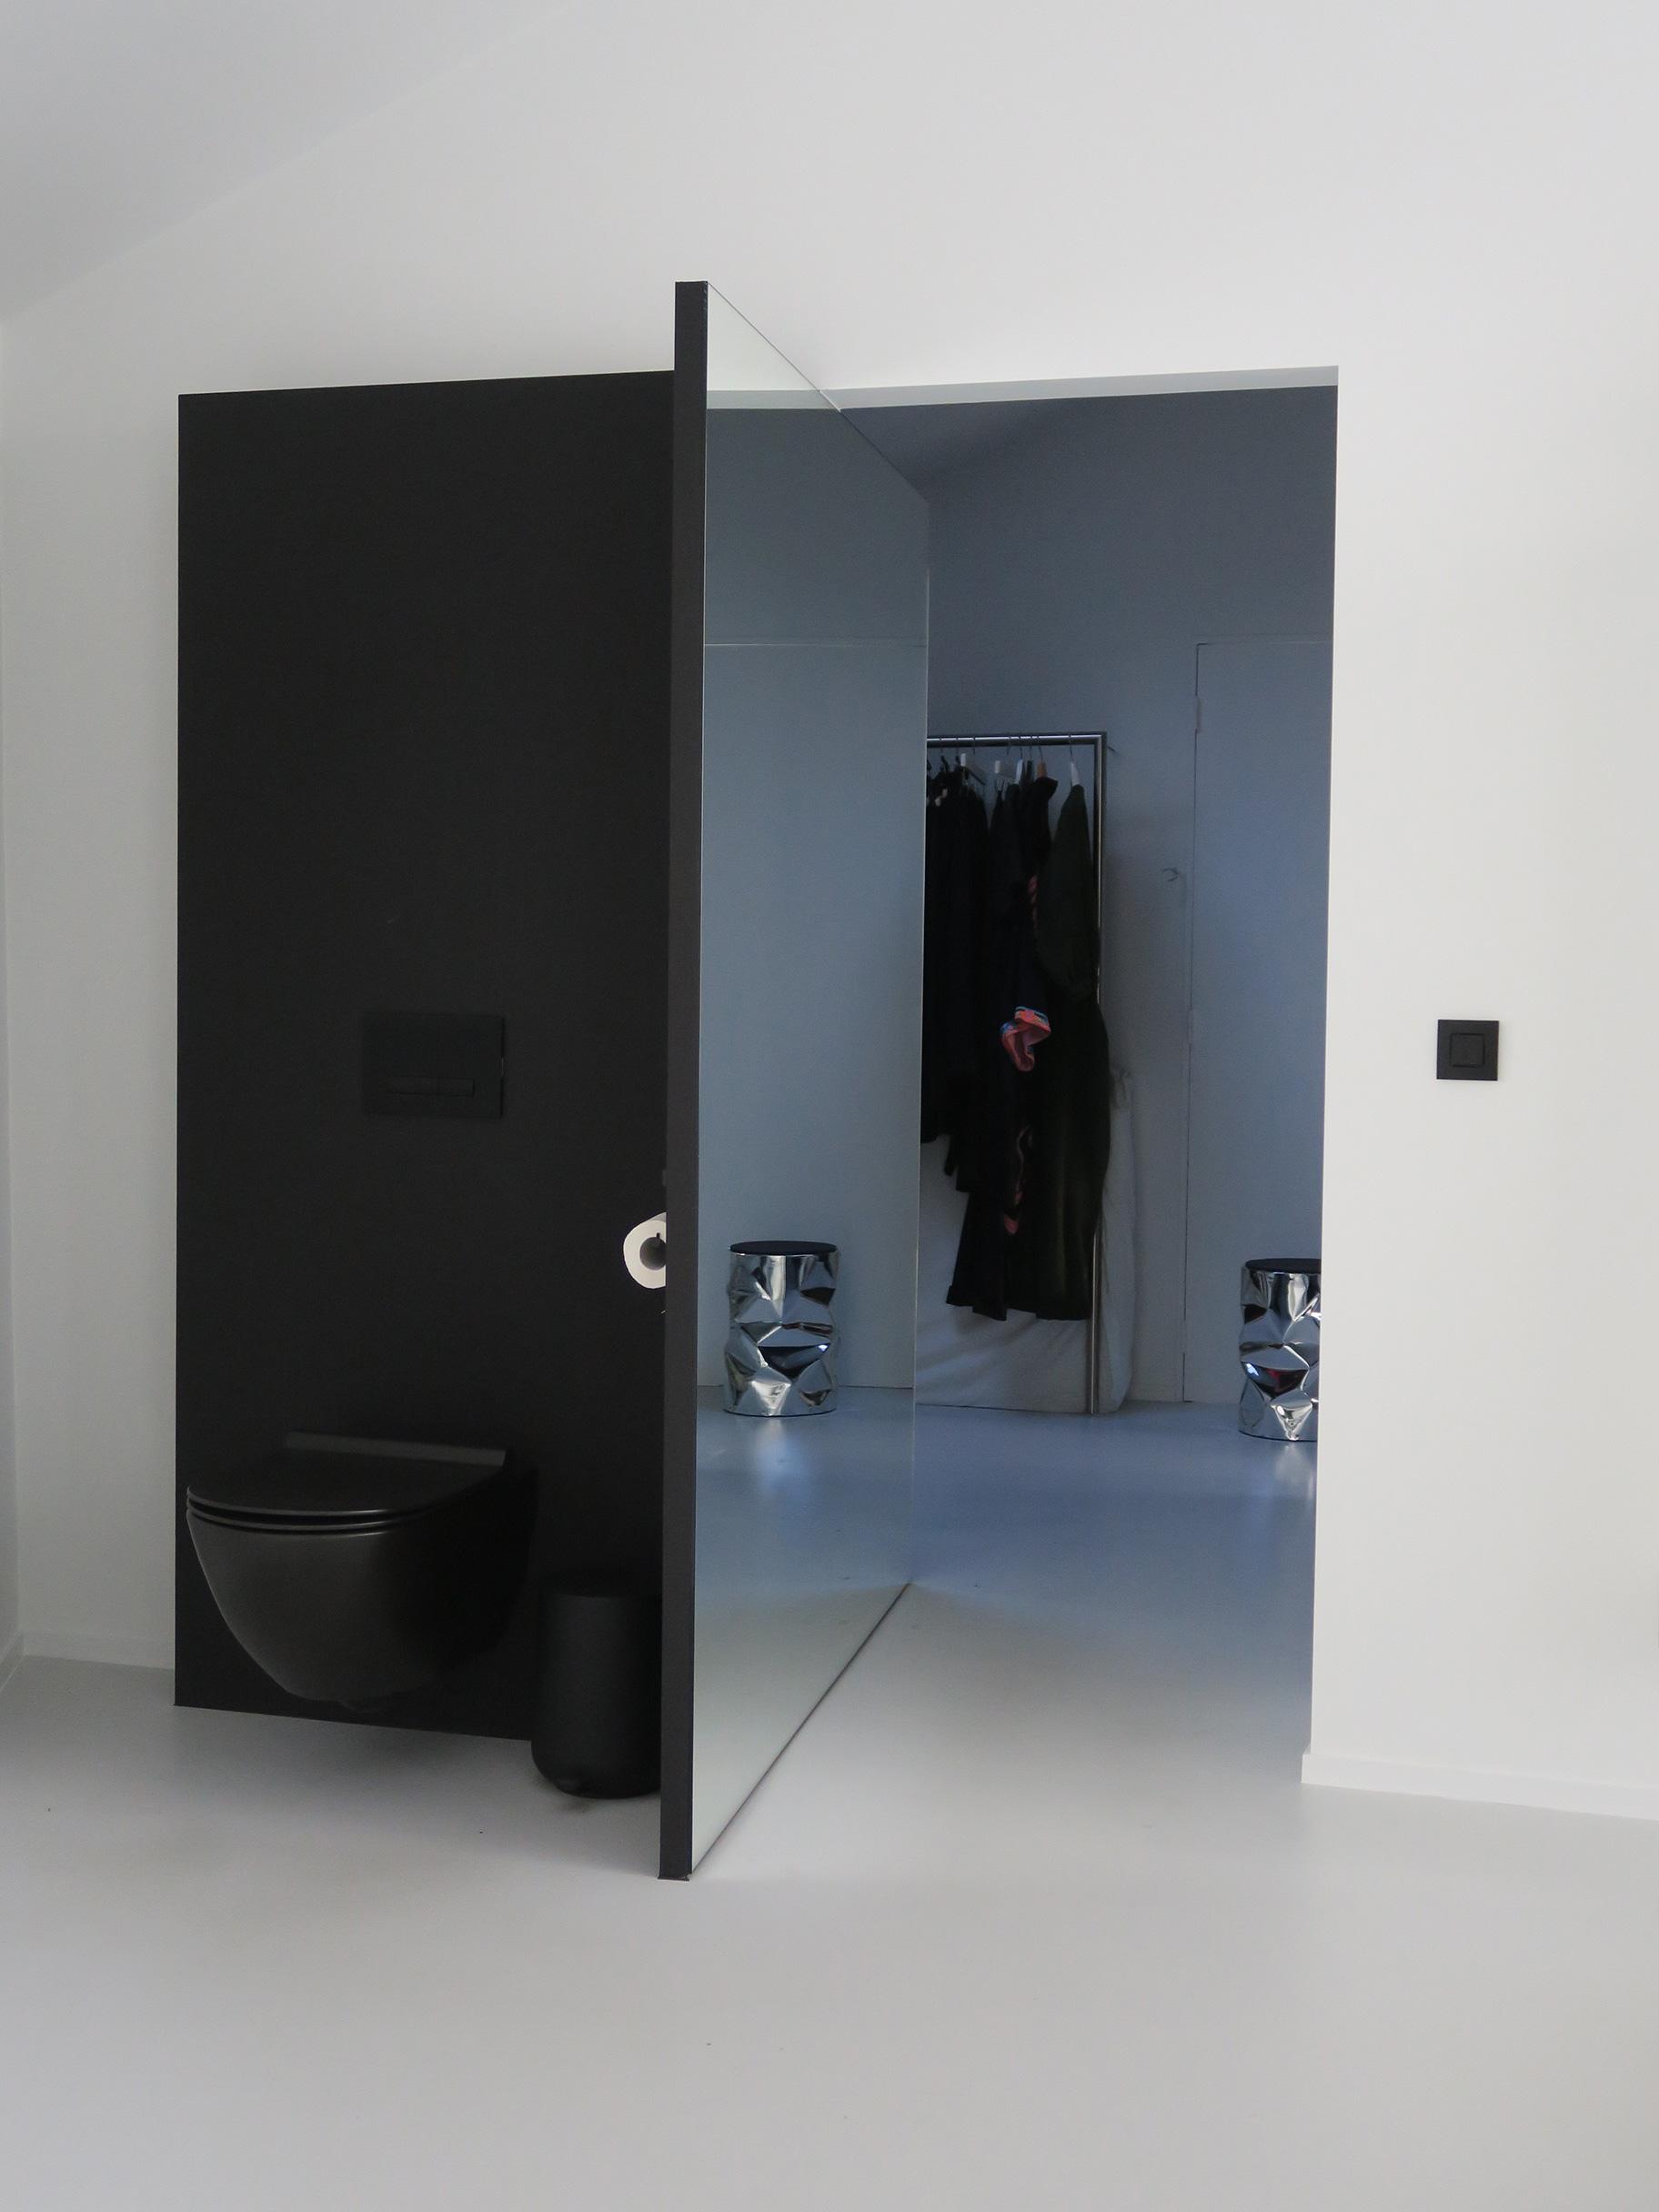 bestaande deur verwijderd en verbinding tussen kleed en badkamer en het zo creëren van een wat afgeschermde toilethoek/ kruk tab u van Bruno Rainaldi